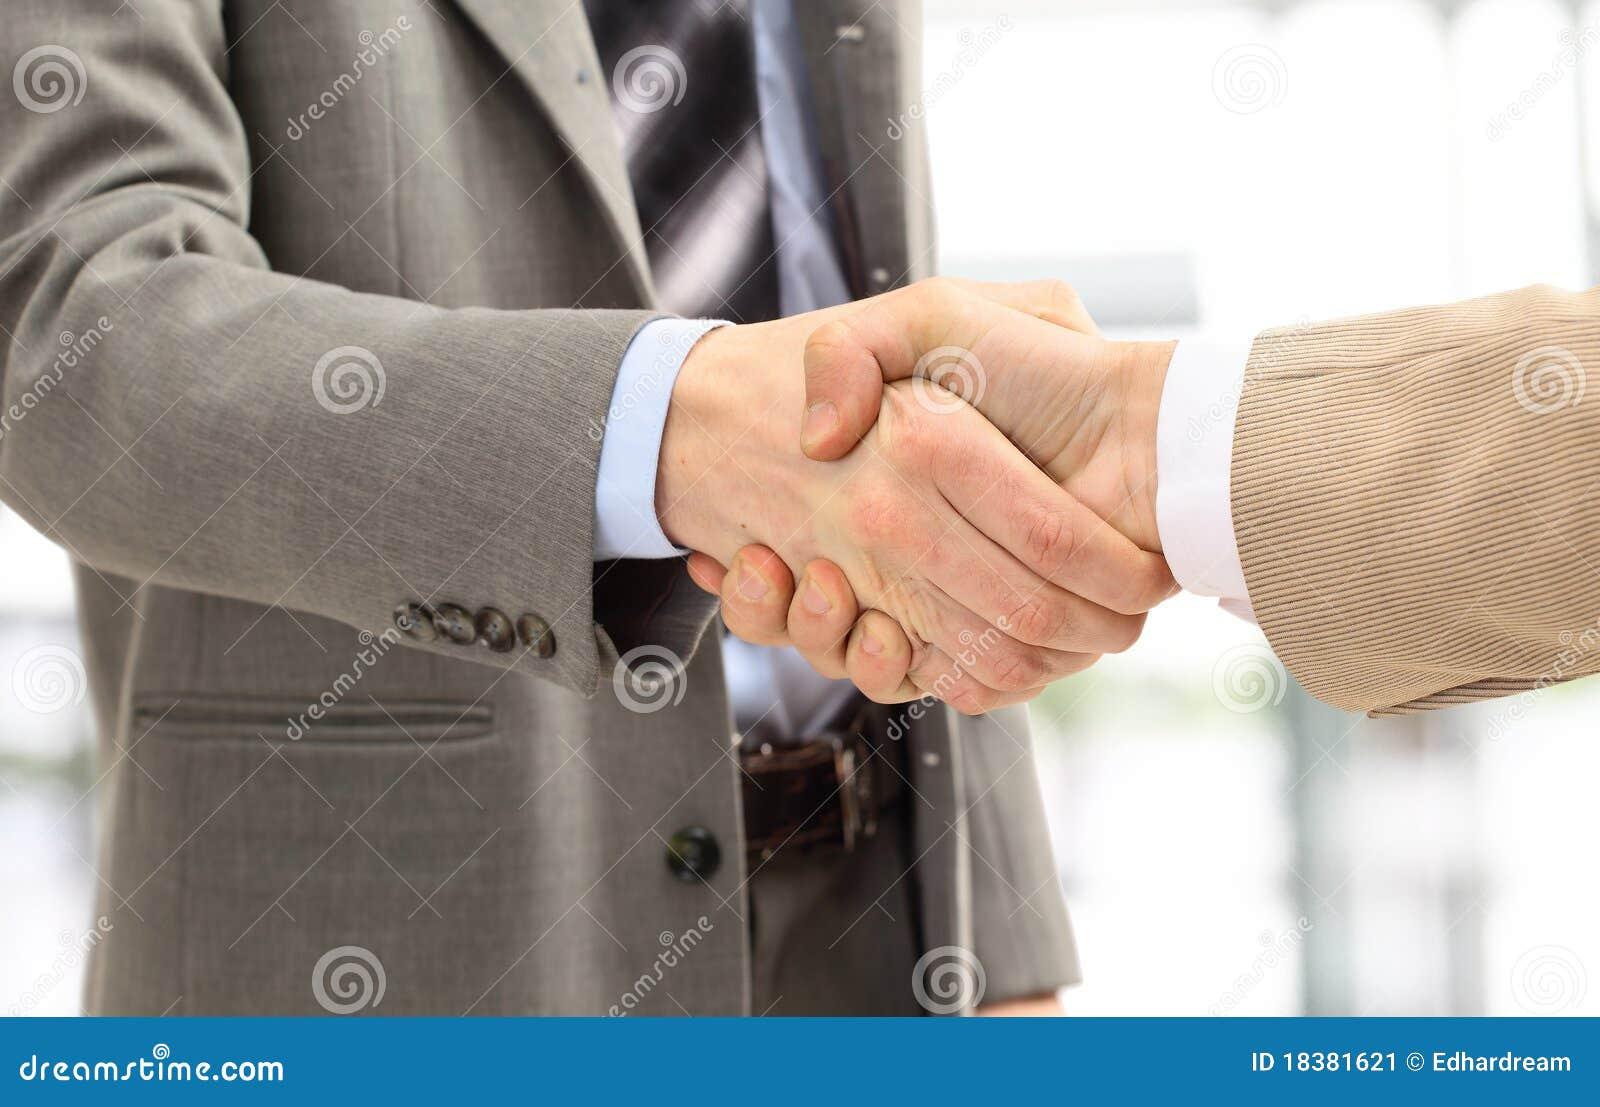 человек рукопожатия дела